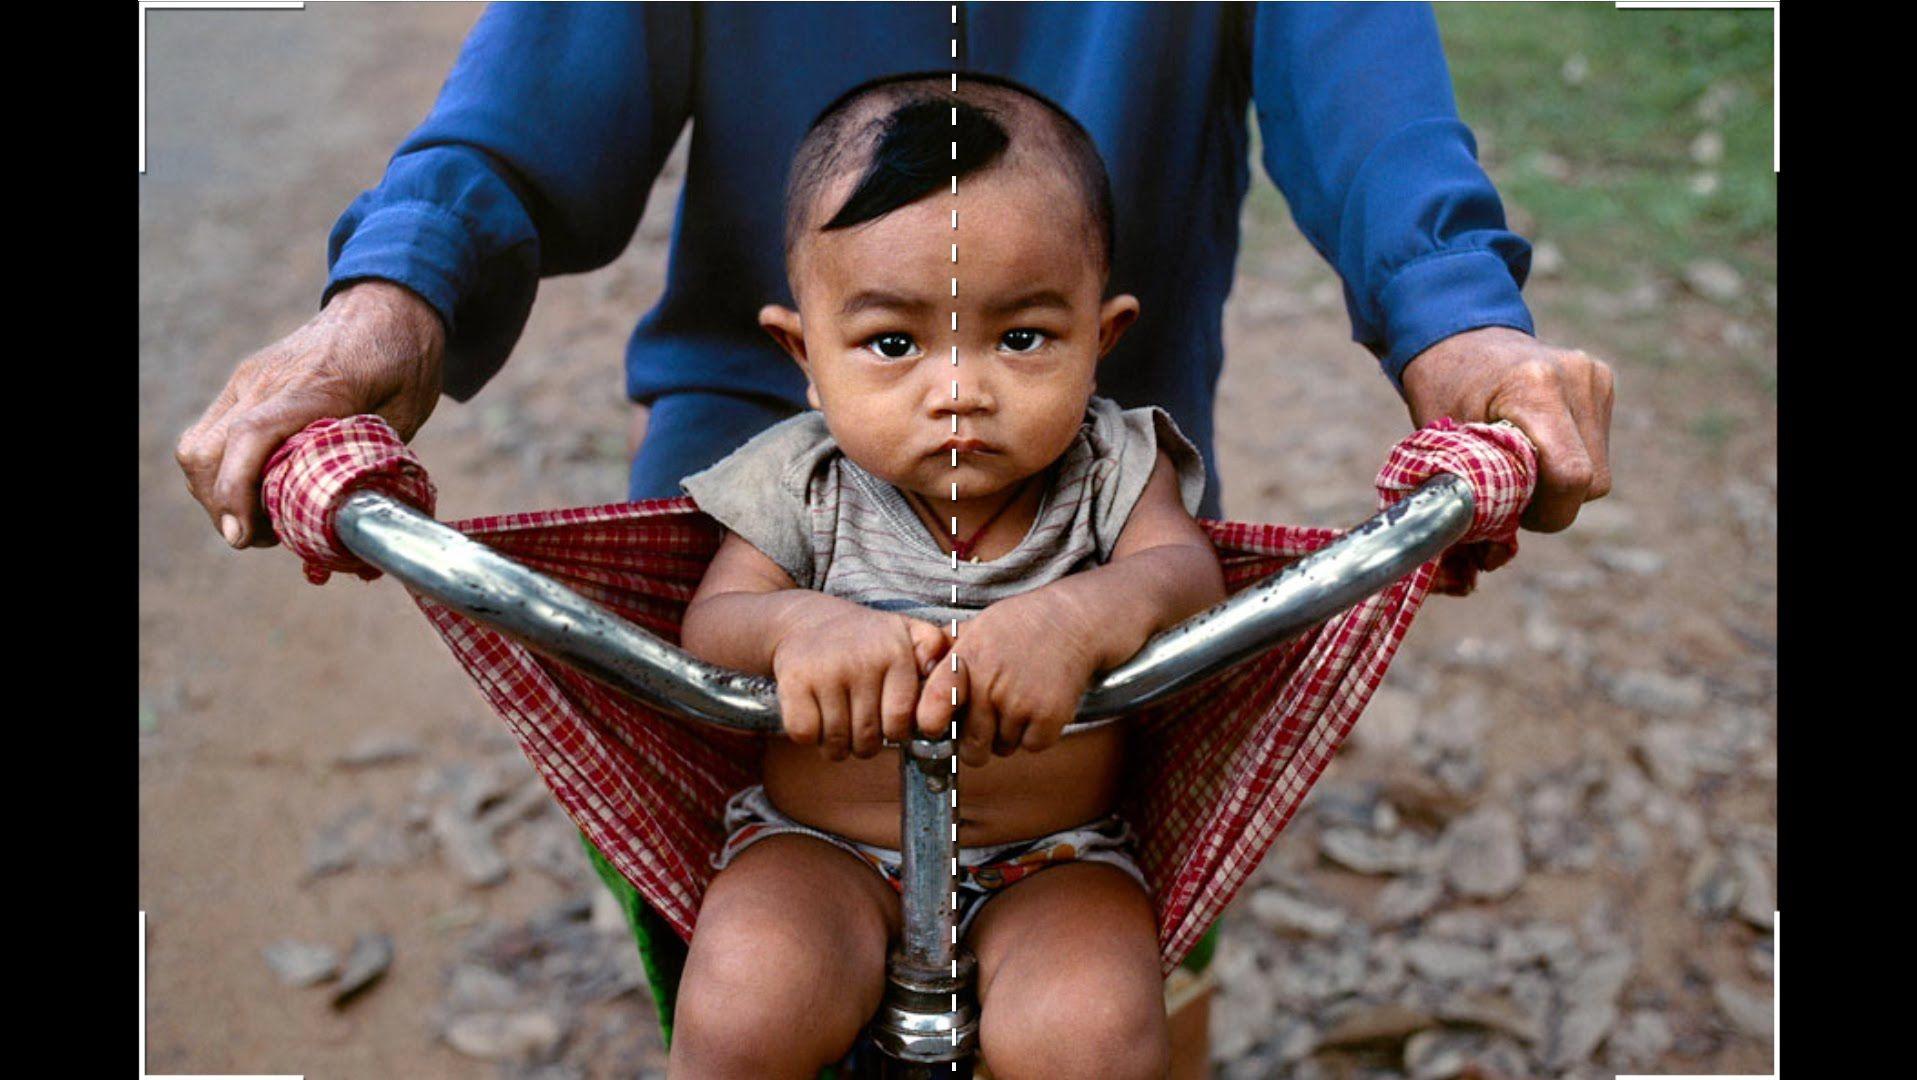 9 Fotos segundo as composições de Steve McCurry